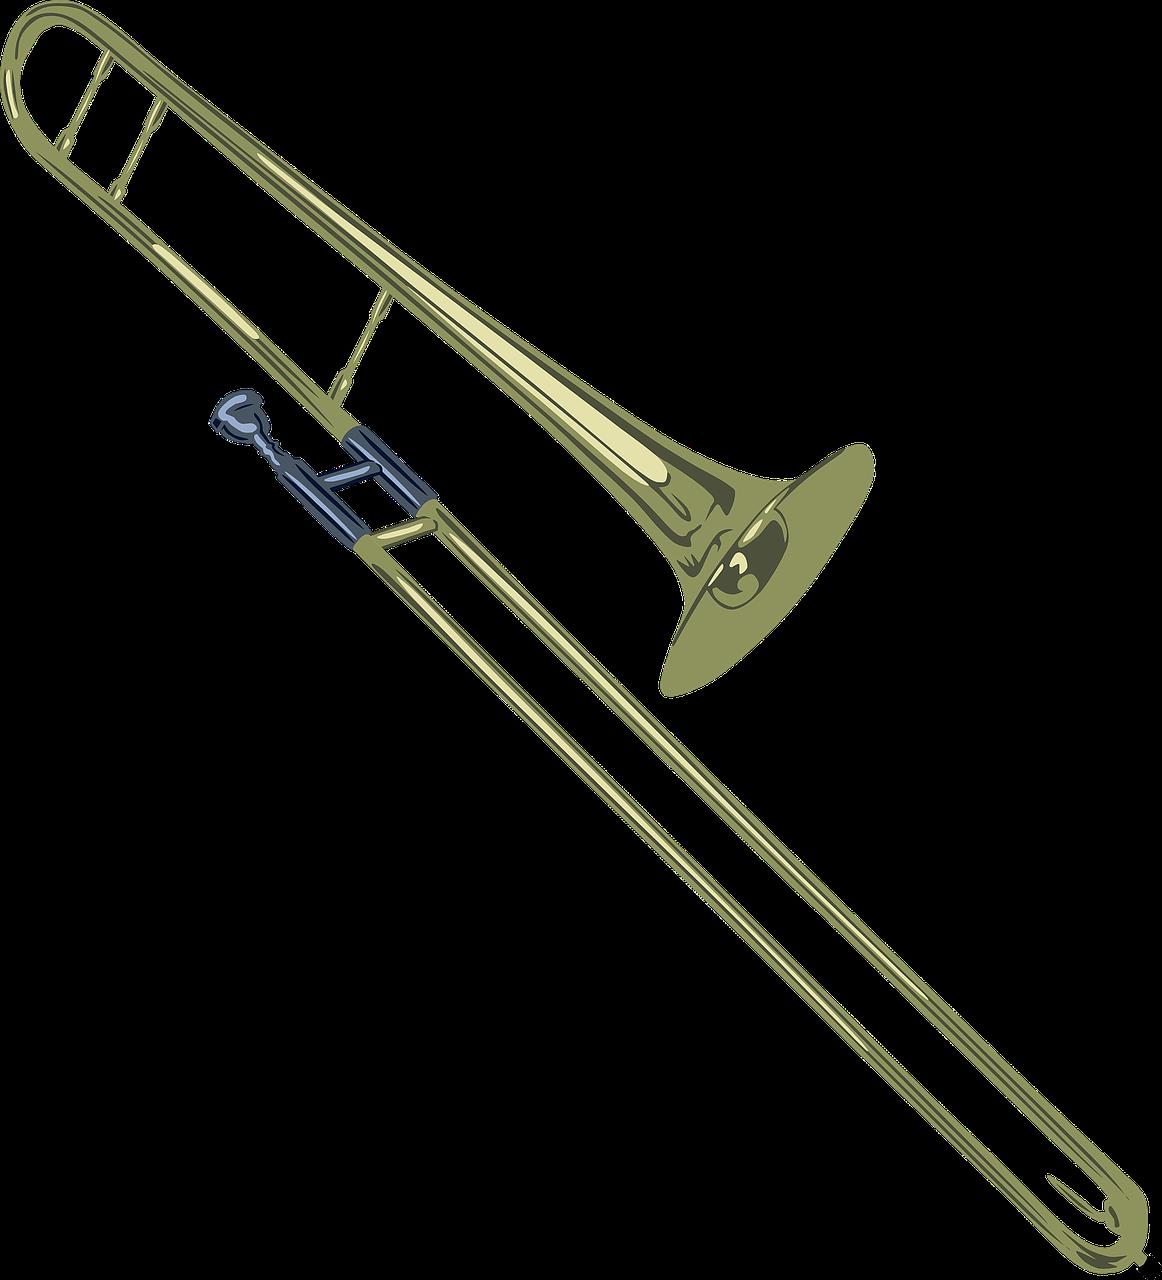 trombone-25688_1280